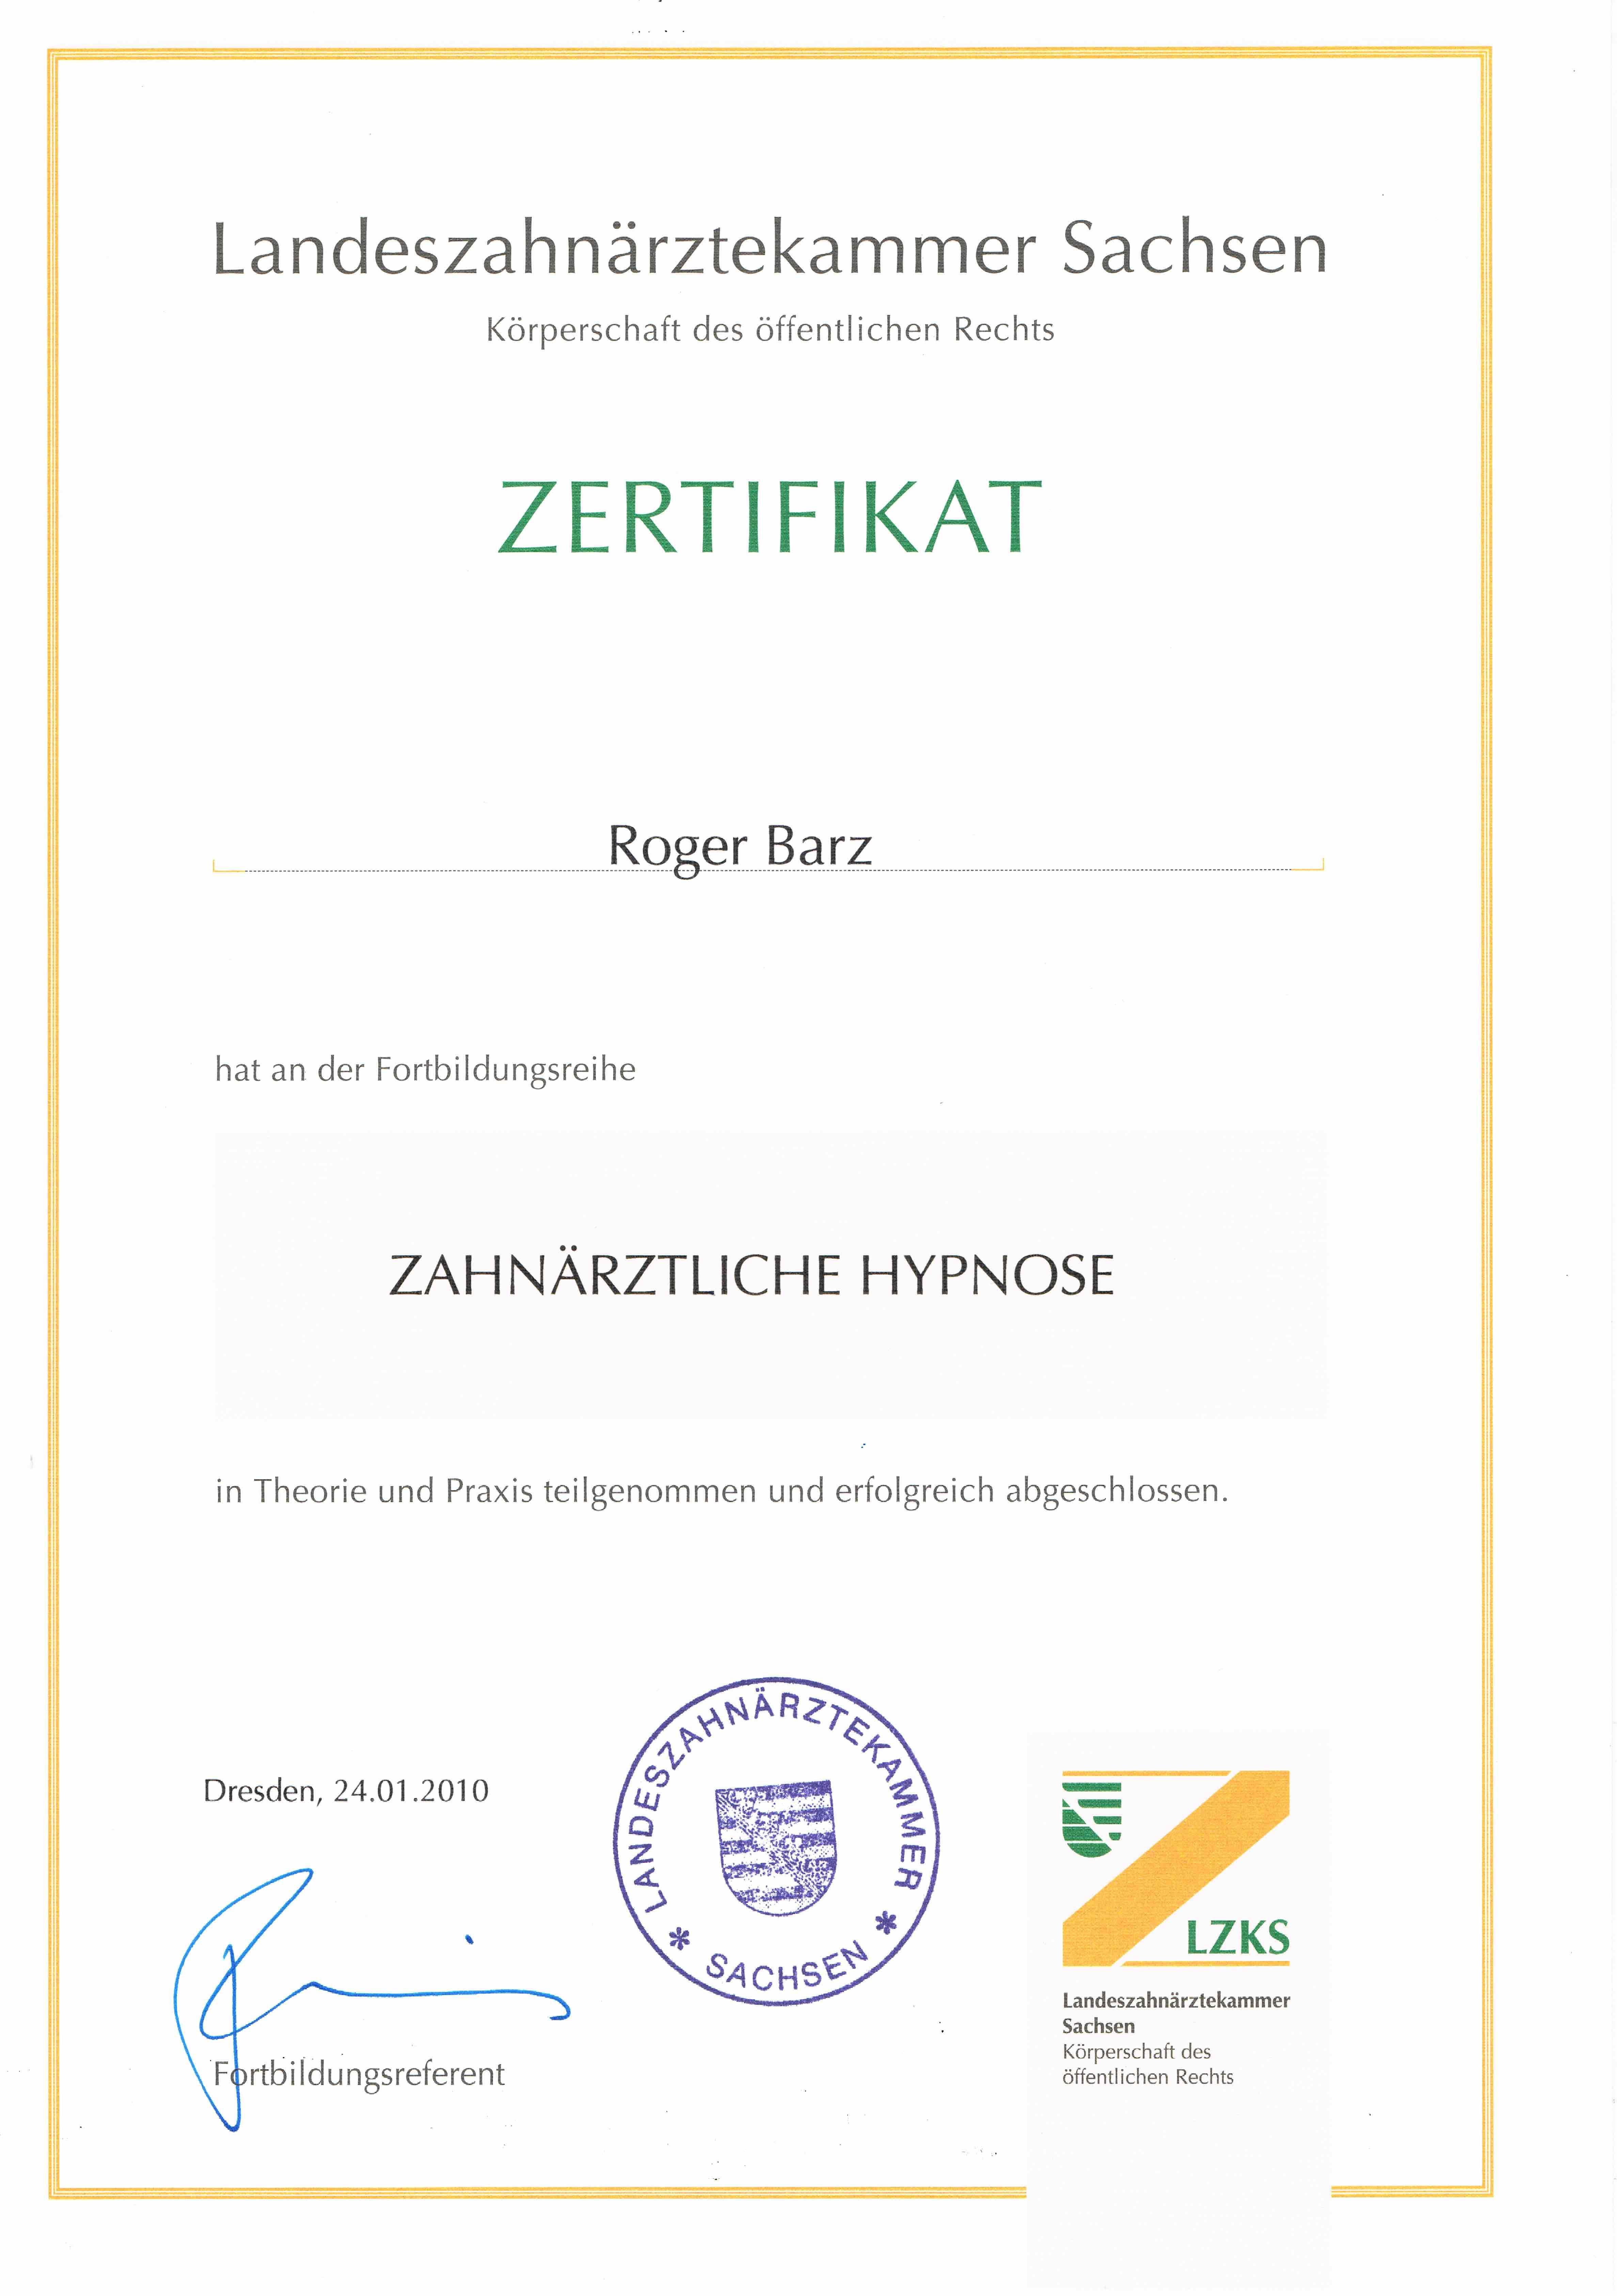 Zertifikat Zahnärztliche Hypnose Zahngesundheit Halle